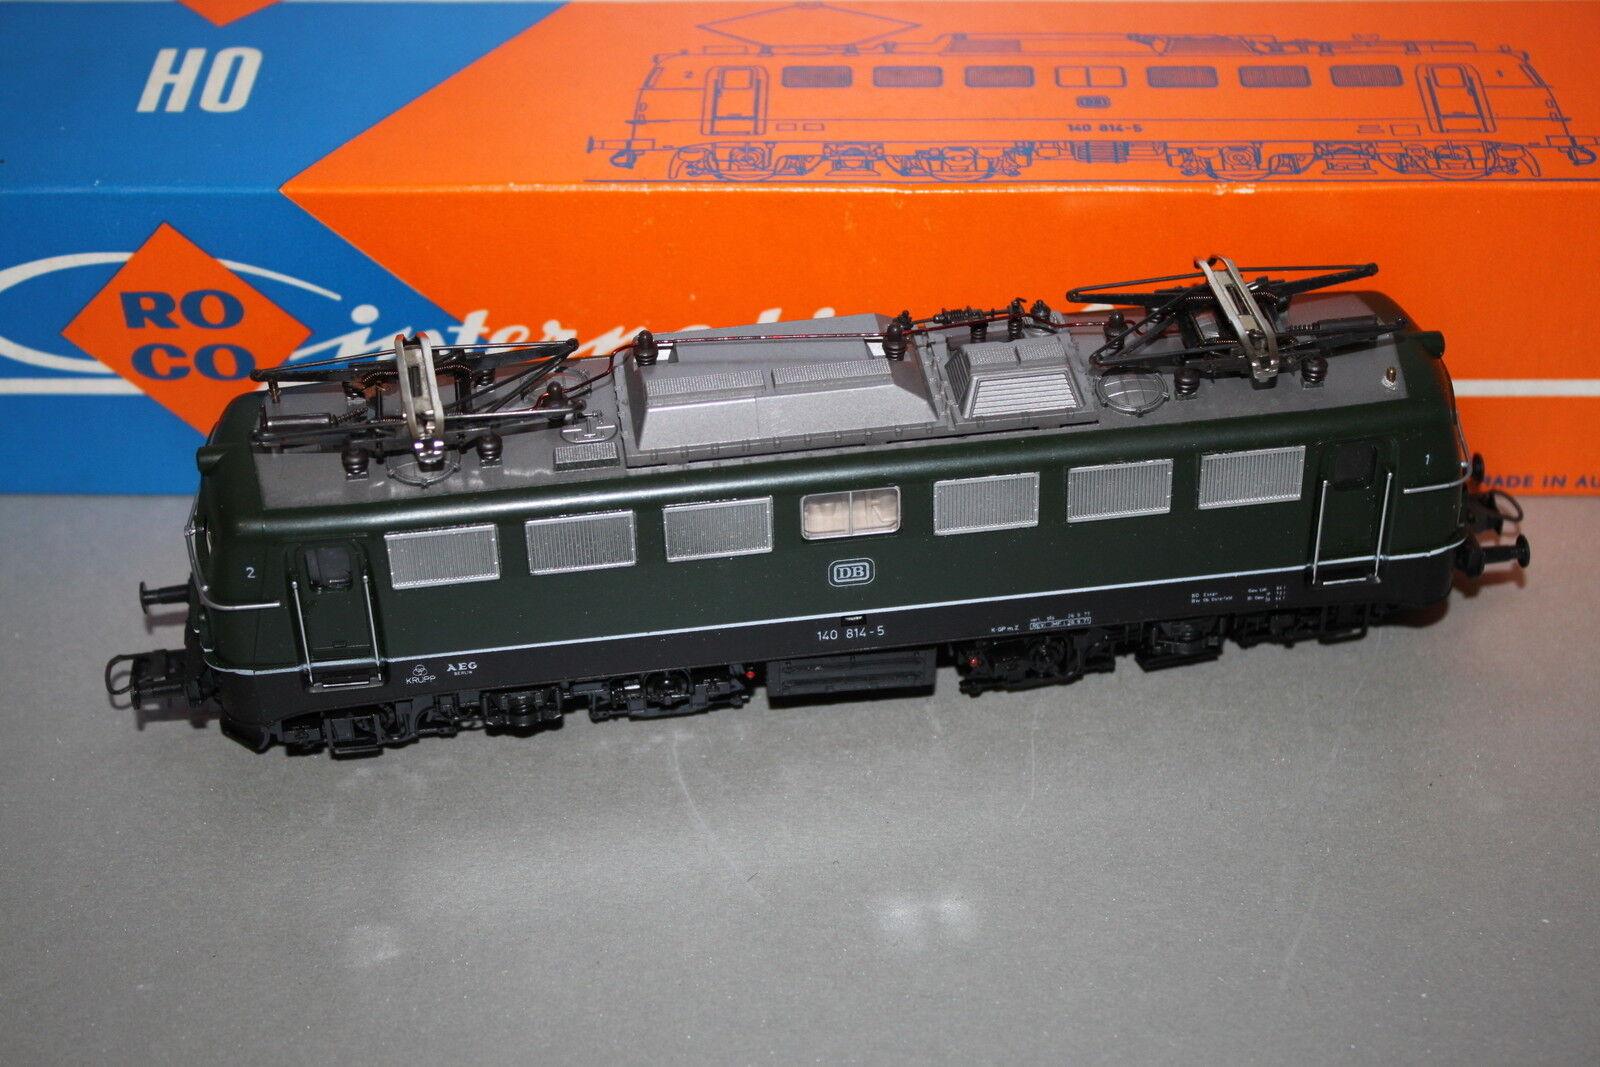 Roco 4136A Elok Baureihe 140 814-5 DB DB DB grün Spur H0 OVP  | Lassen Sie unsere Produkte in die Welt gehen  f5570c